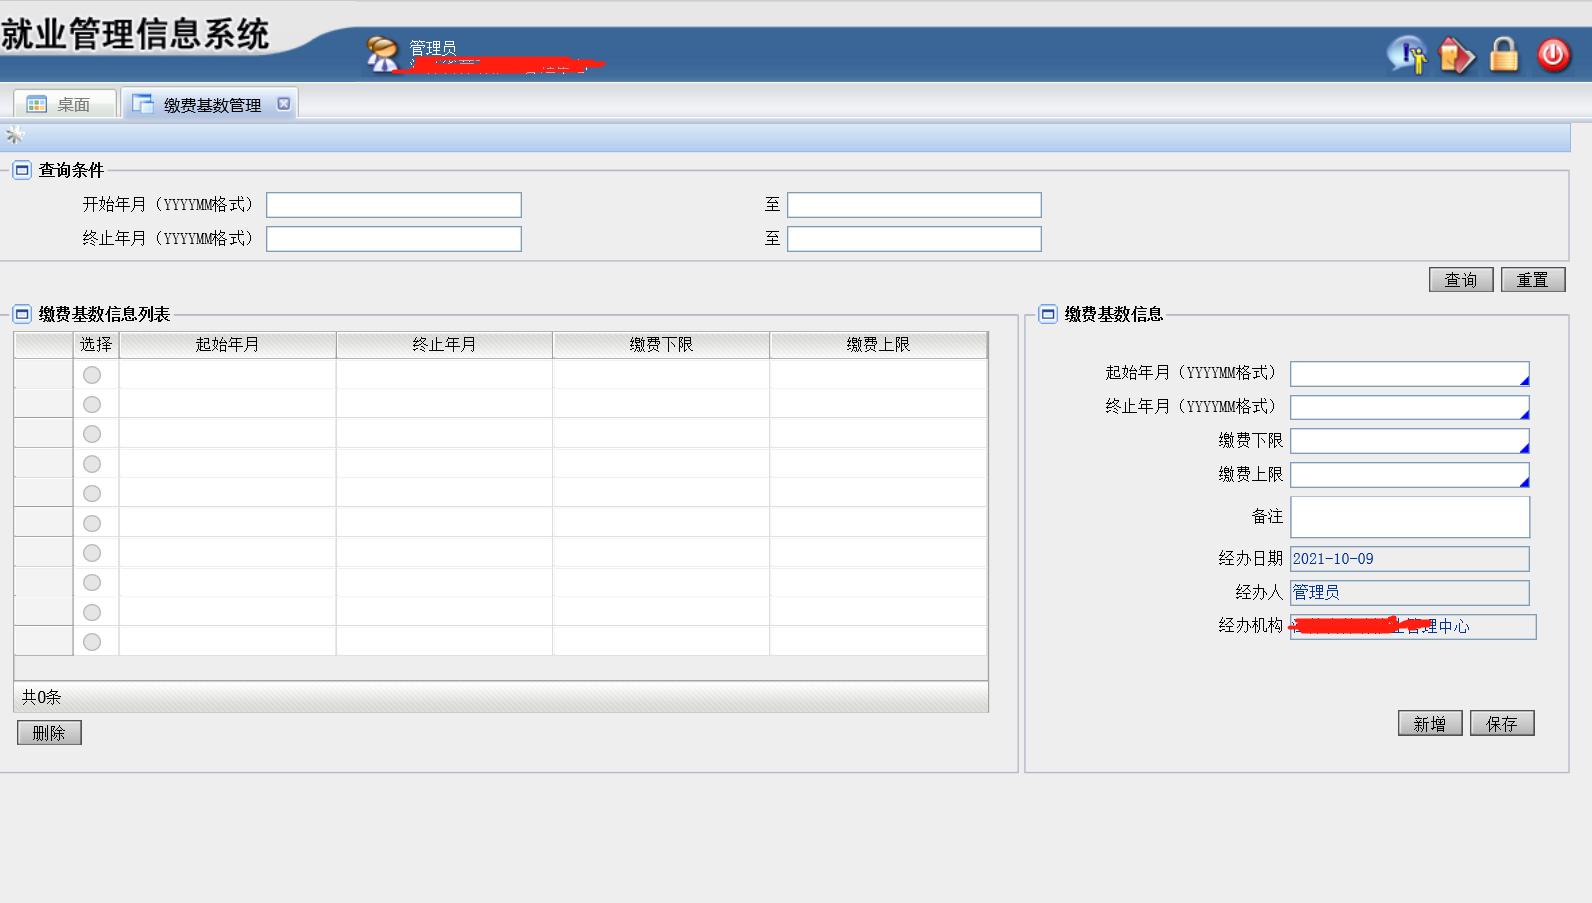 劳动就业管理信息系统